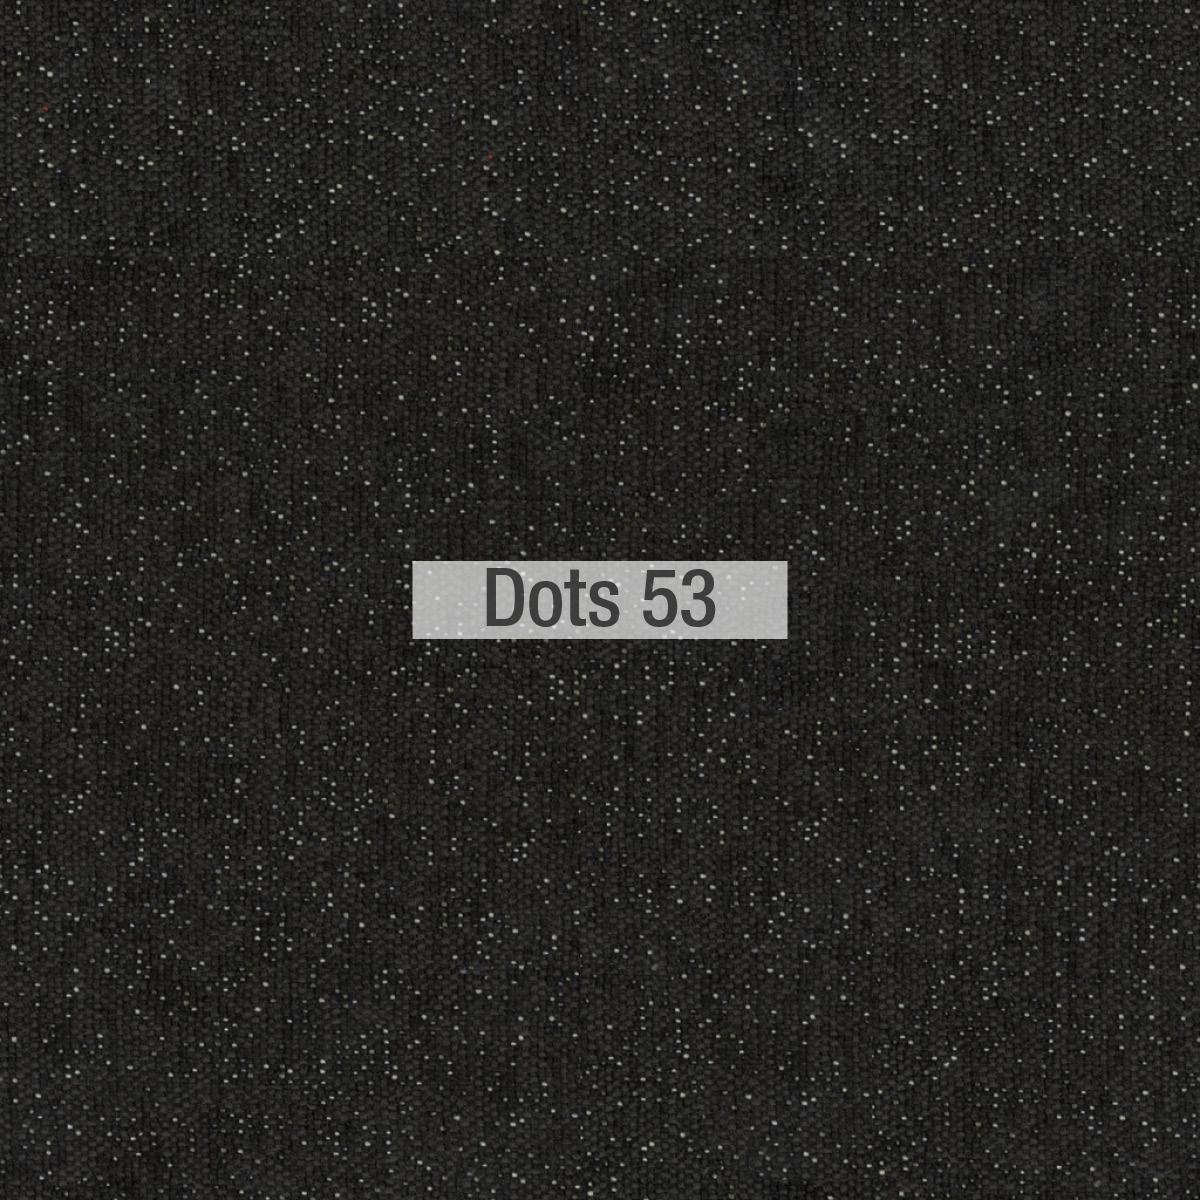 Colores Stella-Dots tela Fama 2020 16